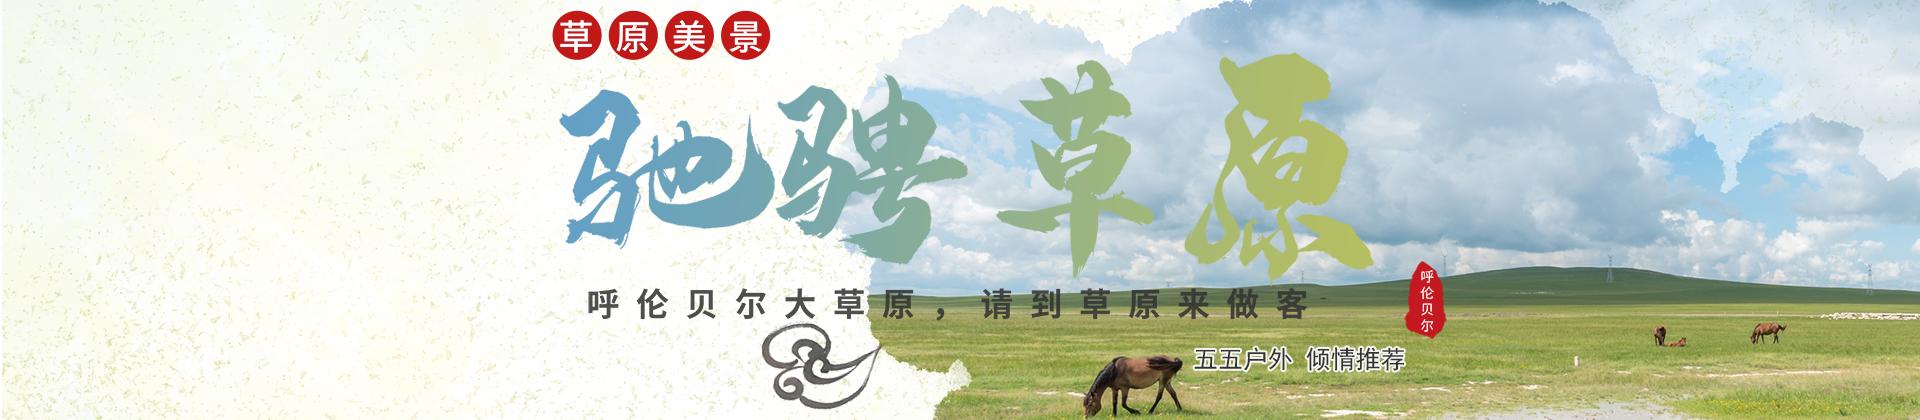 內蒙古之旅